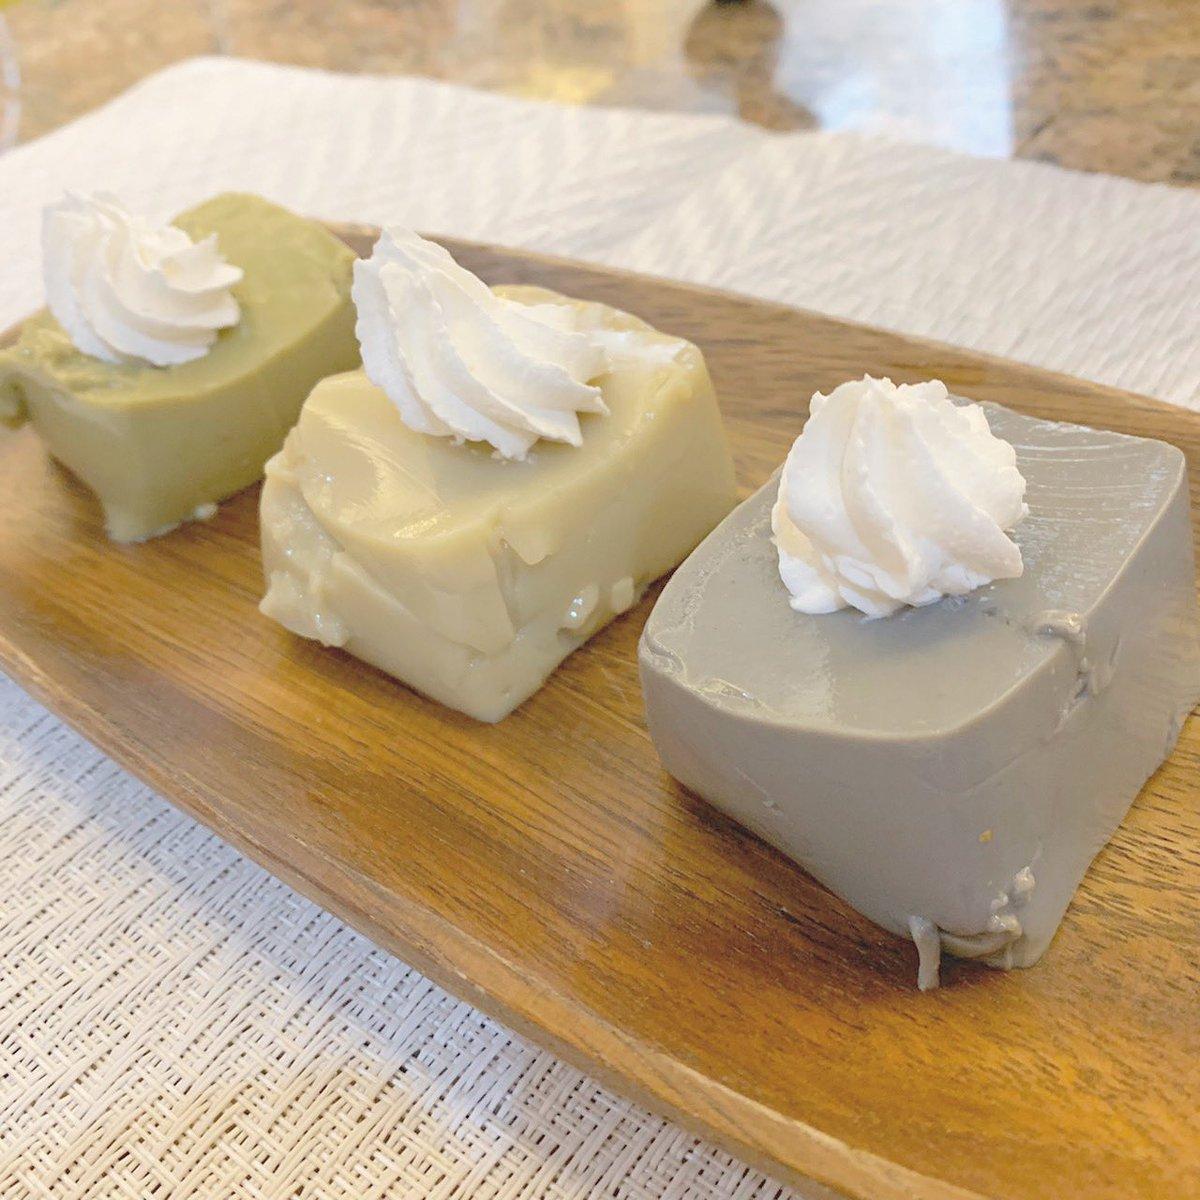 ダイエット中に最適!?豆乳で作れる超濃厚プリンの作り方!